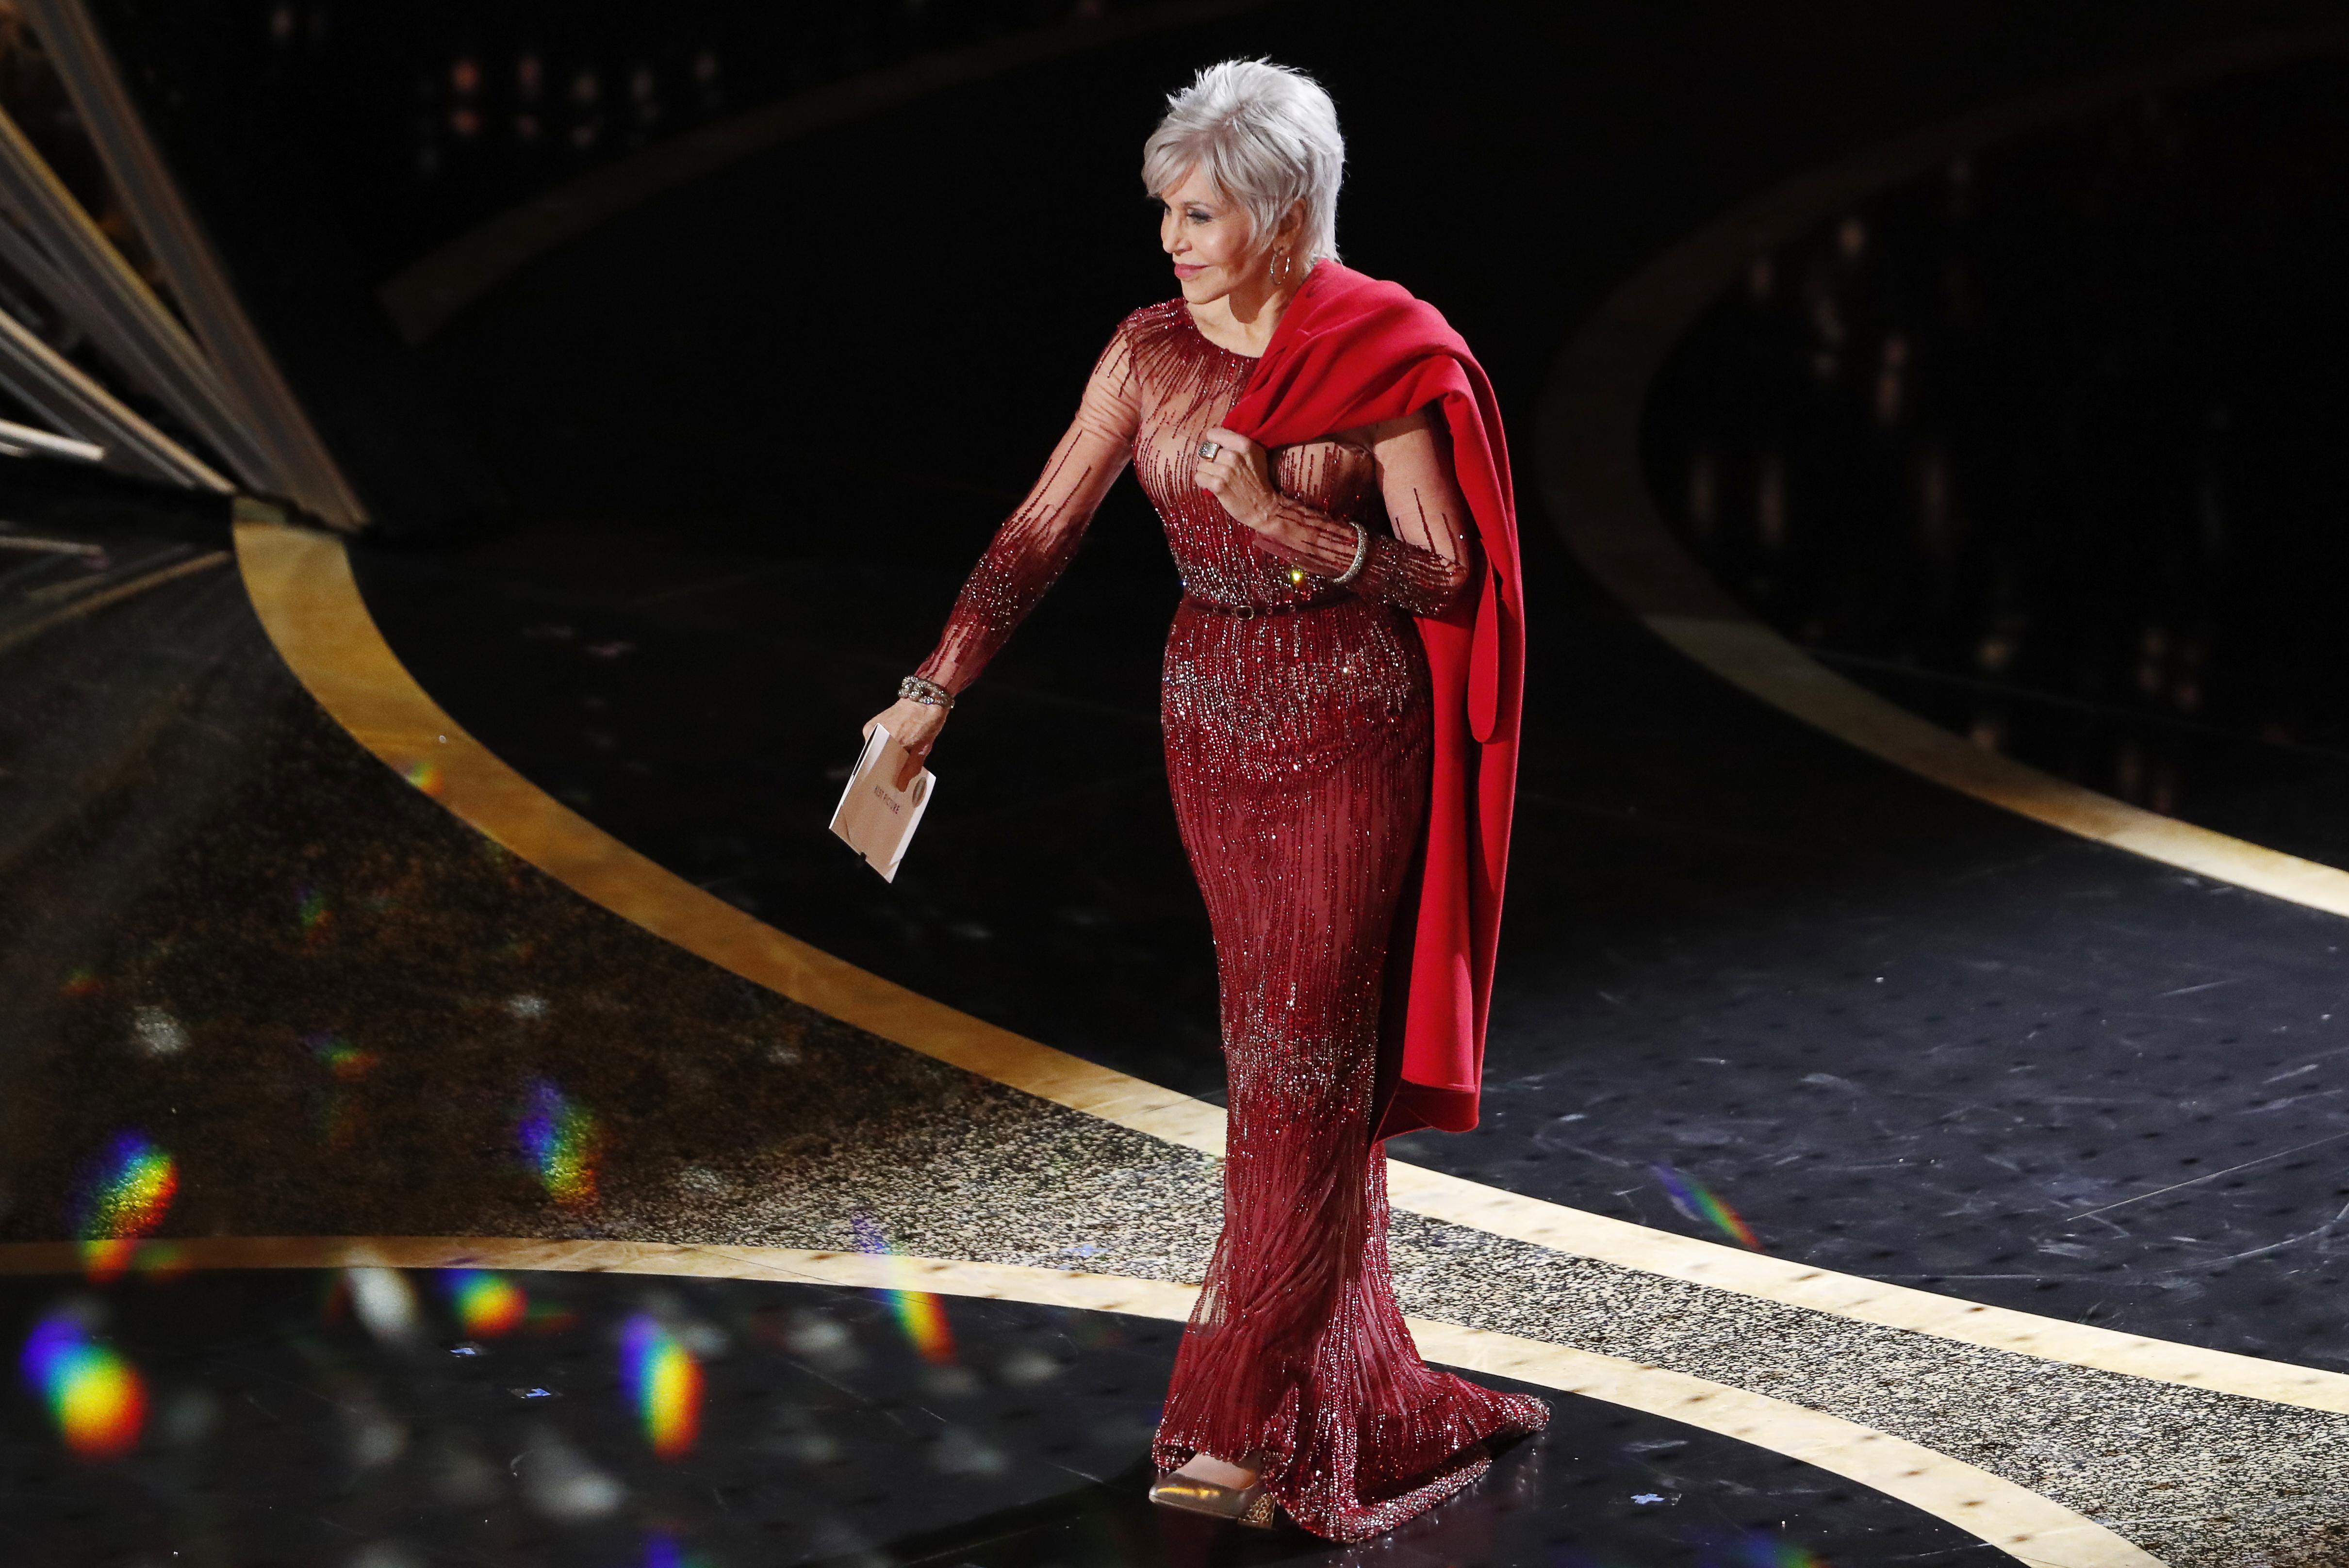 La veterana actriz también ha intervenido en la 92ª edición de los Oscar.